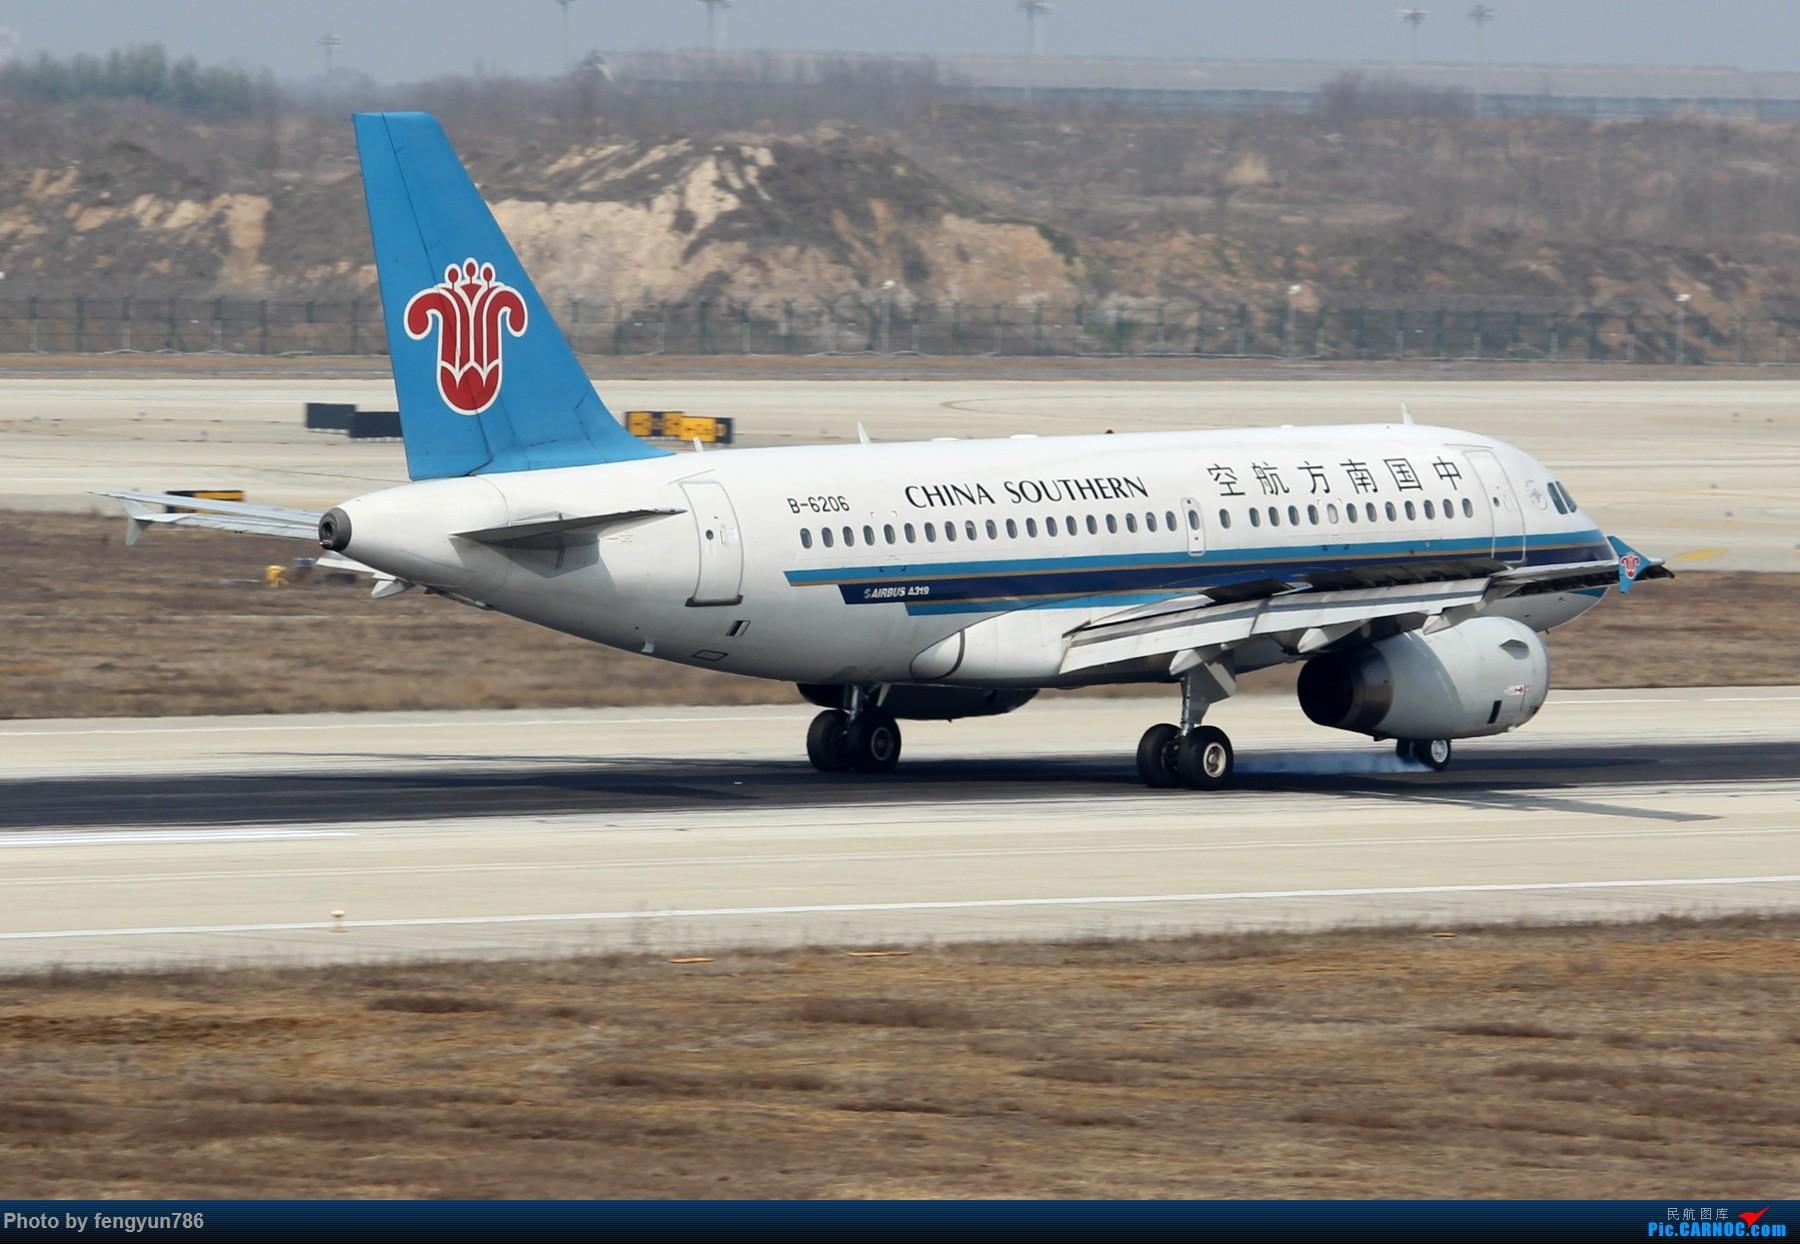 Re:[原创]NKG跑道边两小时,擦烟反推,星星邮戳都有了 AIRBUS A319-100 B-6206 中国南京禄口国际机场